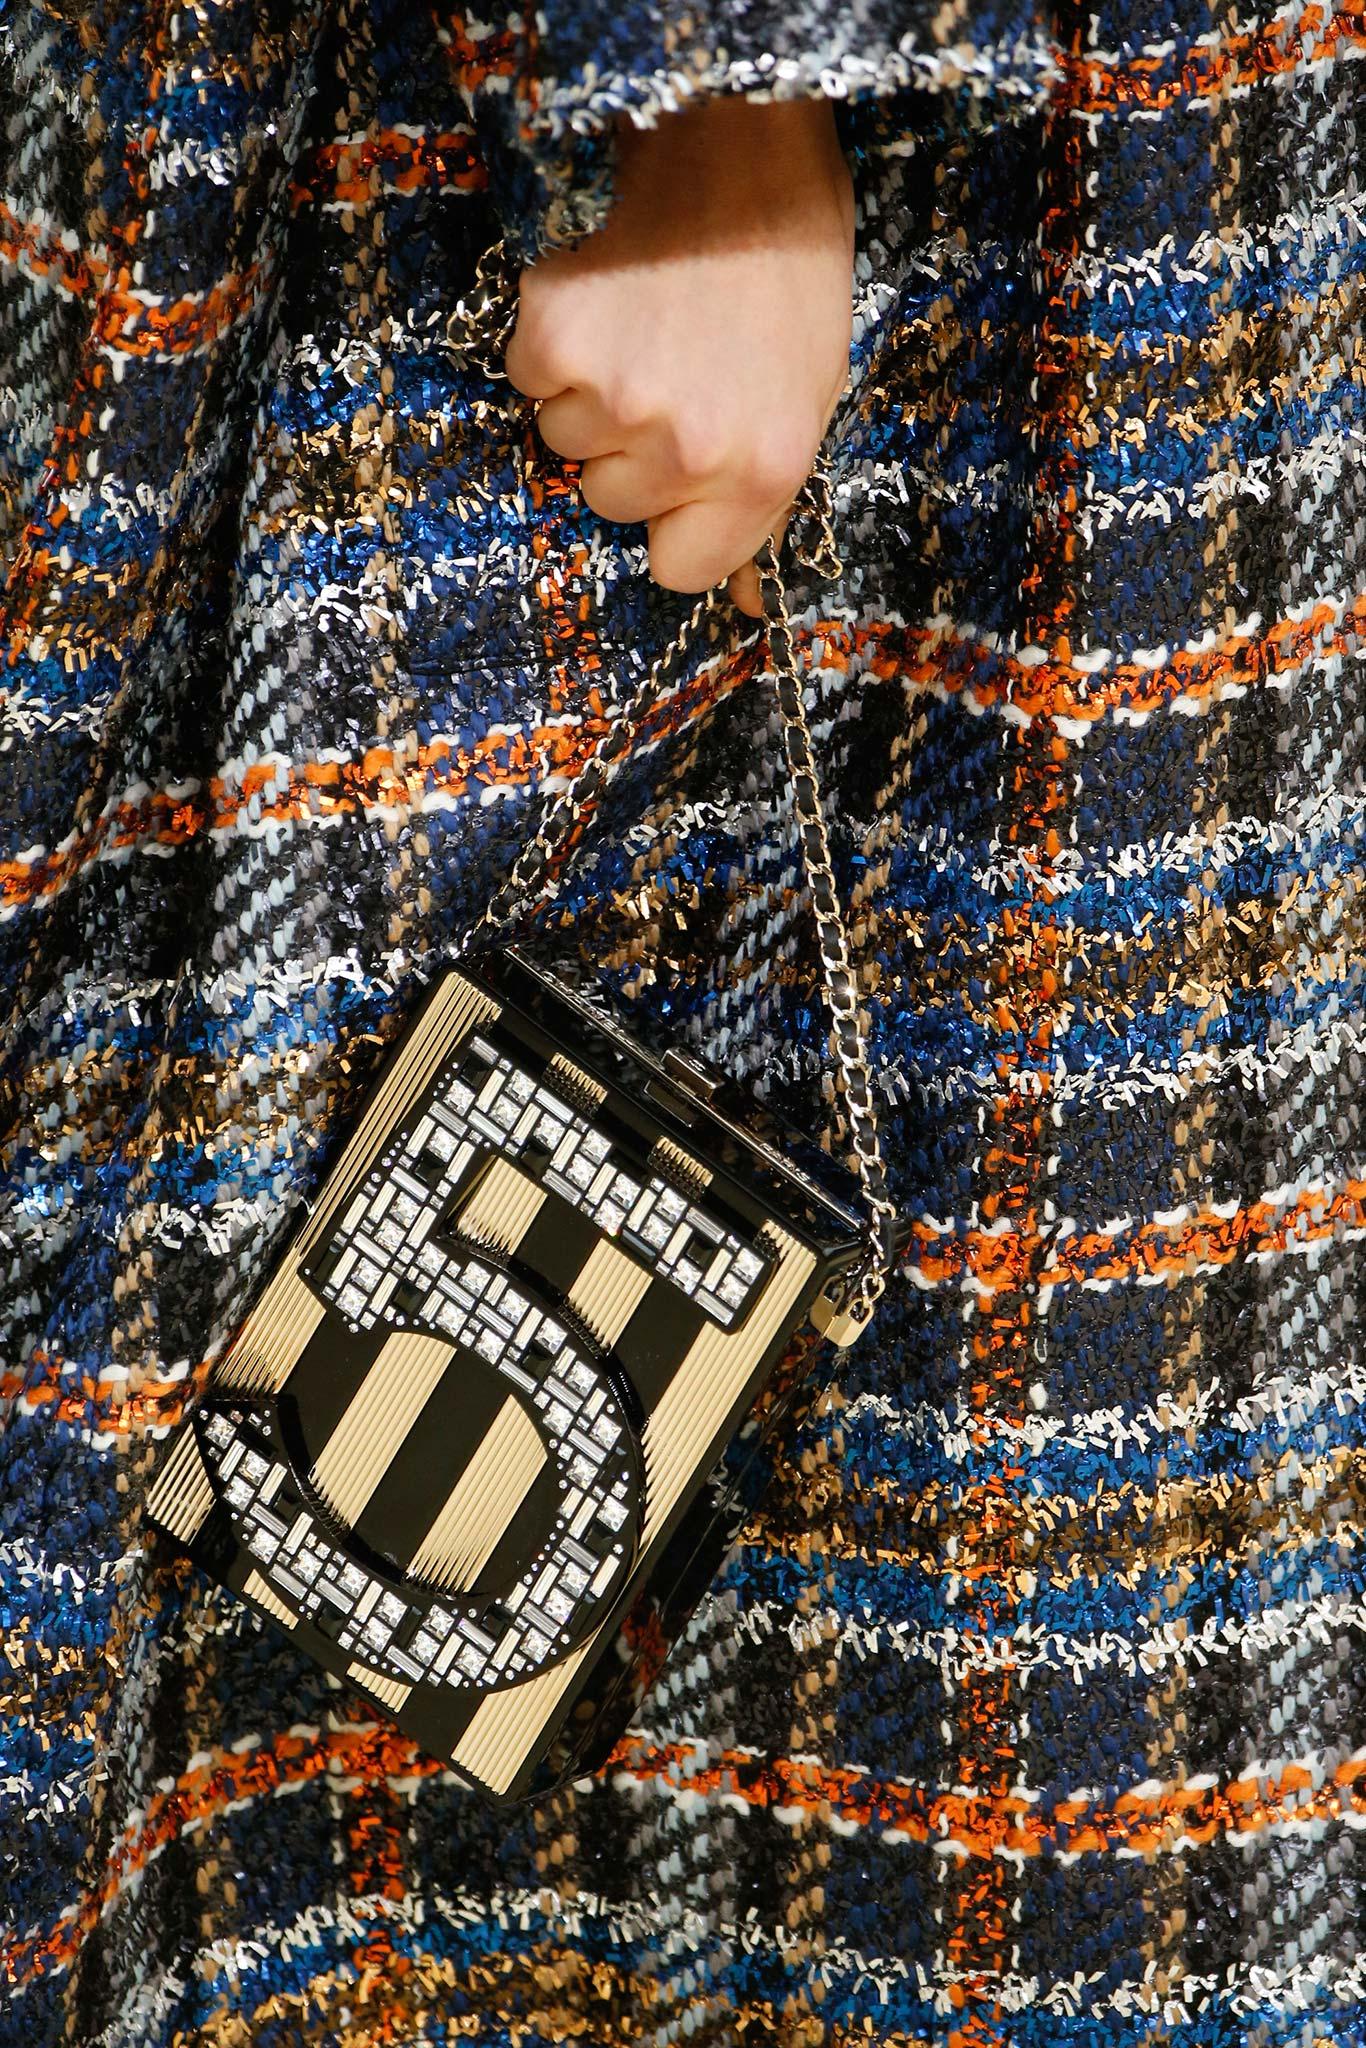 Chanel Clutch Bag 2015 Clutch Bag 2 Fall 2015